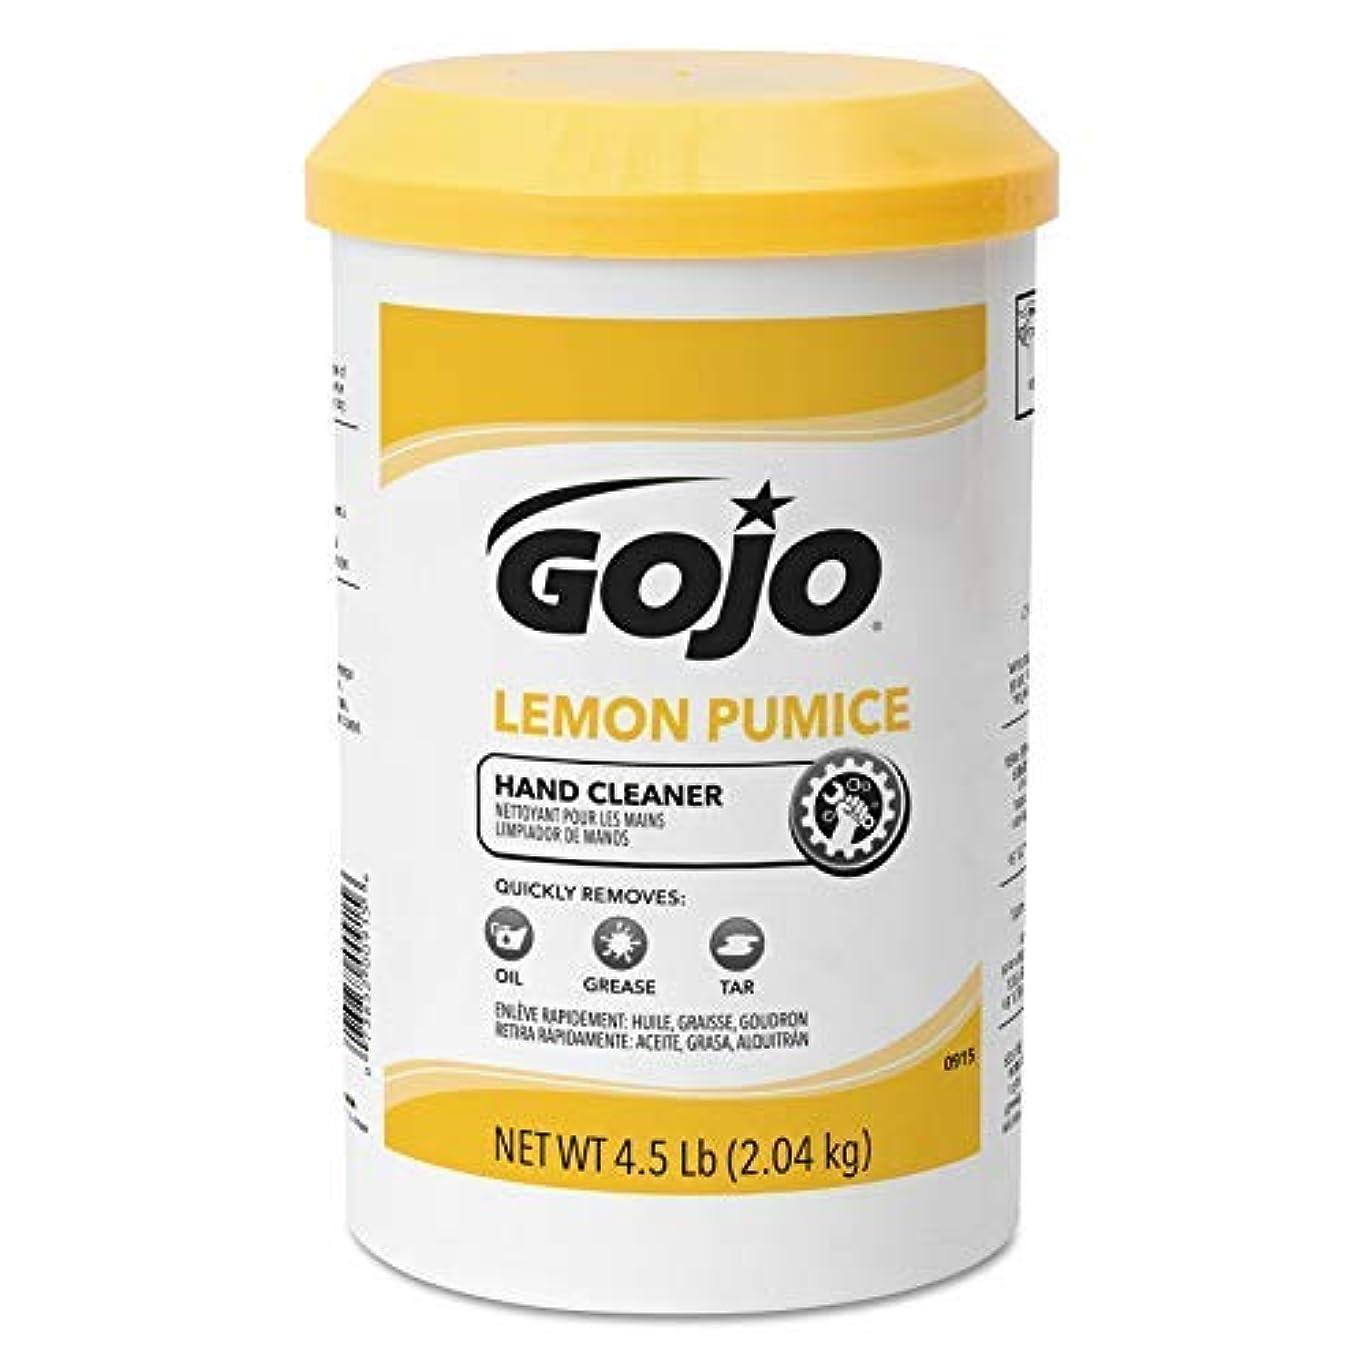 記事おしゃれじゃない生き残りGOJO Creme-Style Hand Cleaner with Pumice,Lemon Scent,4.5 Pounds Hand Cleaner Canister Refill for GOJO Creme-Style...